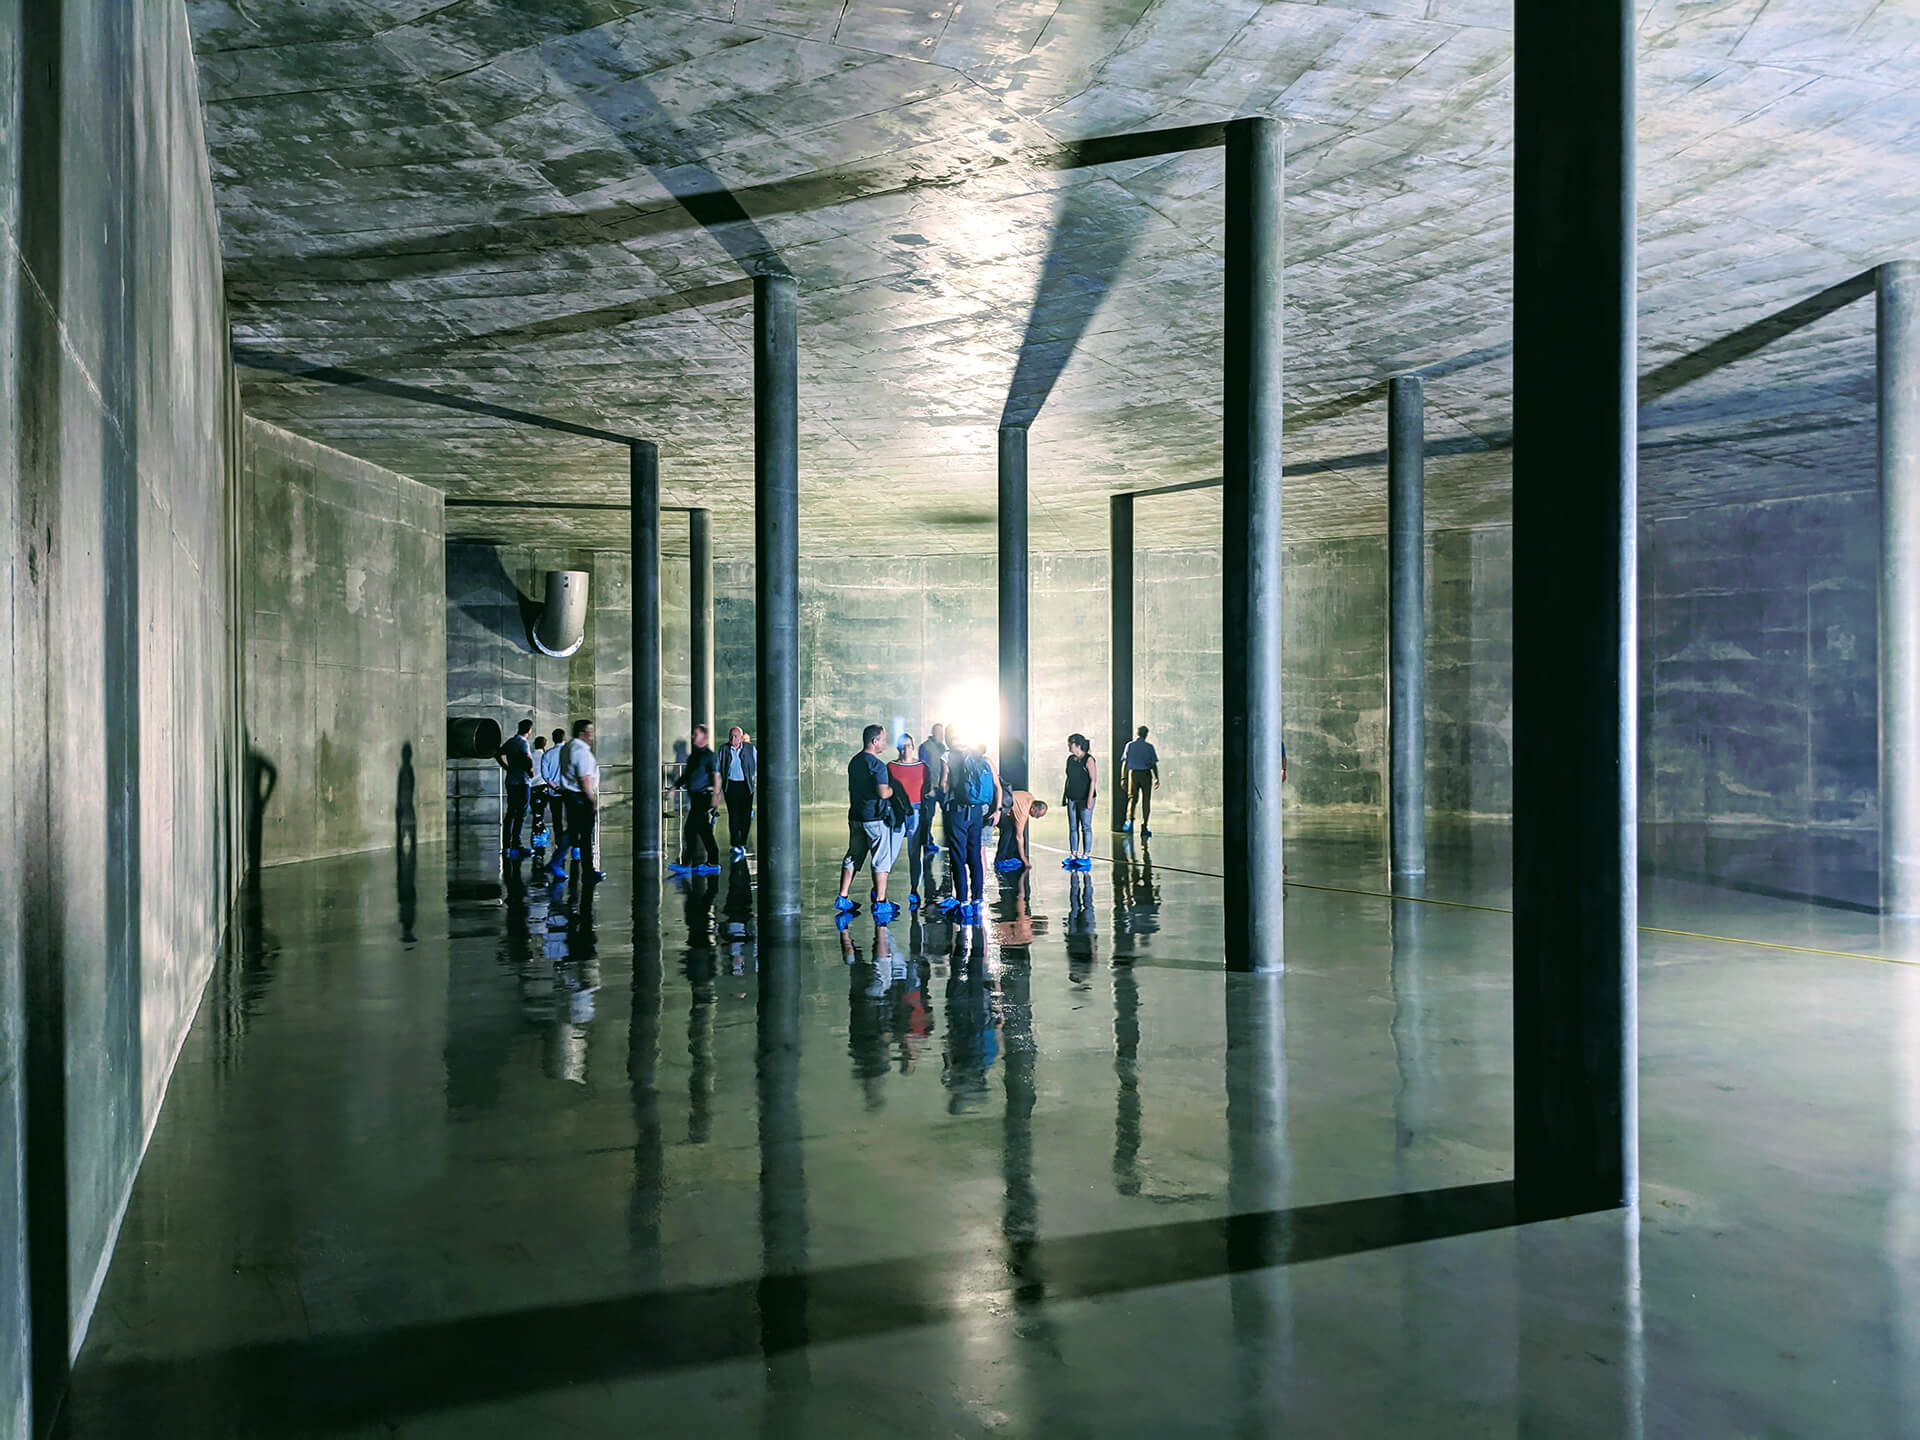 Besichtigung der Wasserkammer 2 mit Kunden und Partnern